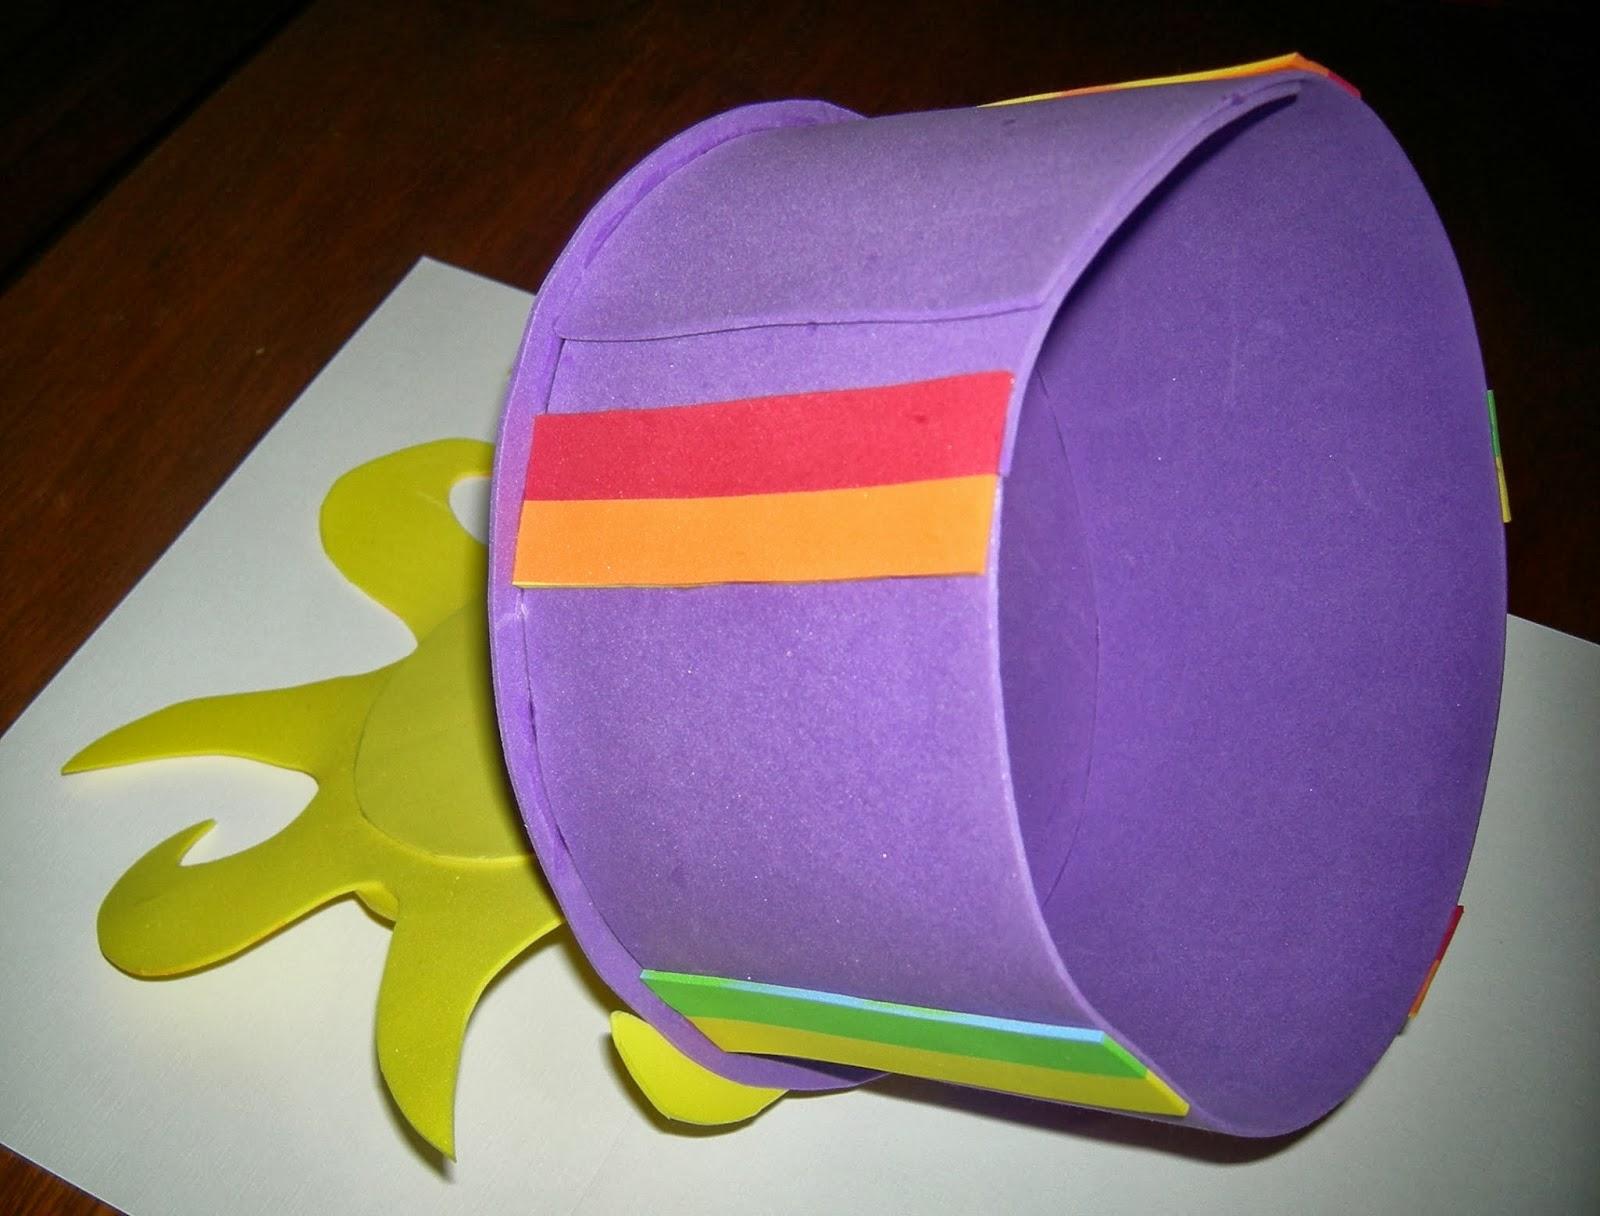 DISFRAZ PRIMAVERAL - Sombrero y Corbata multicolor para festejar la  primavera 13a87c525bc